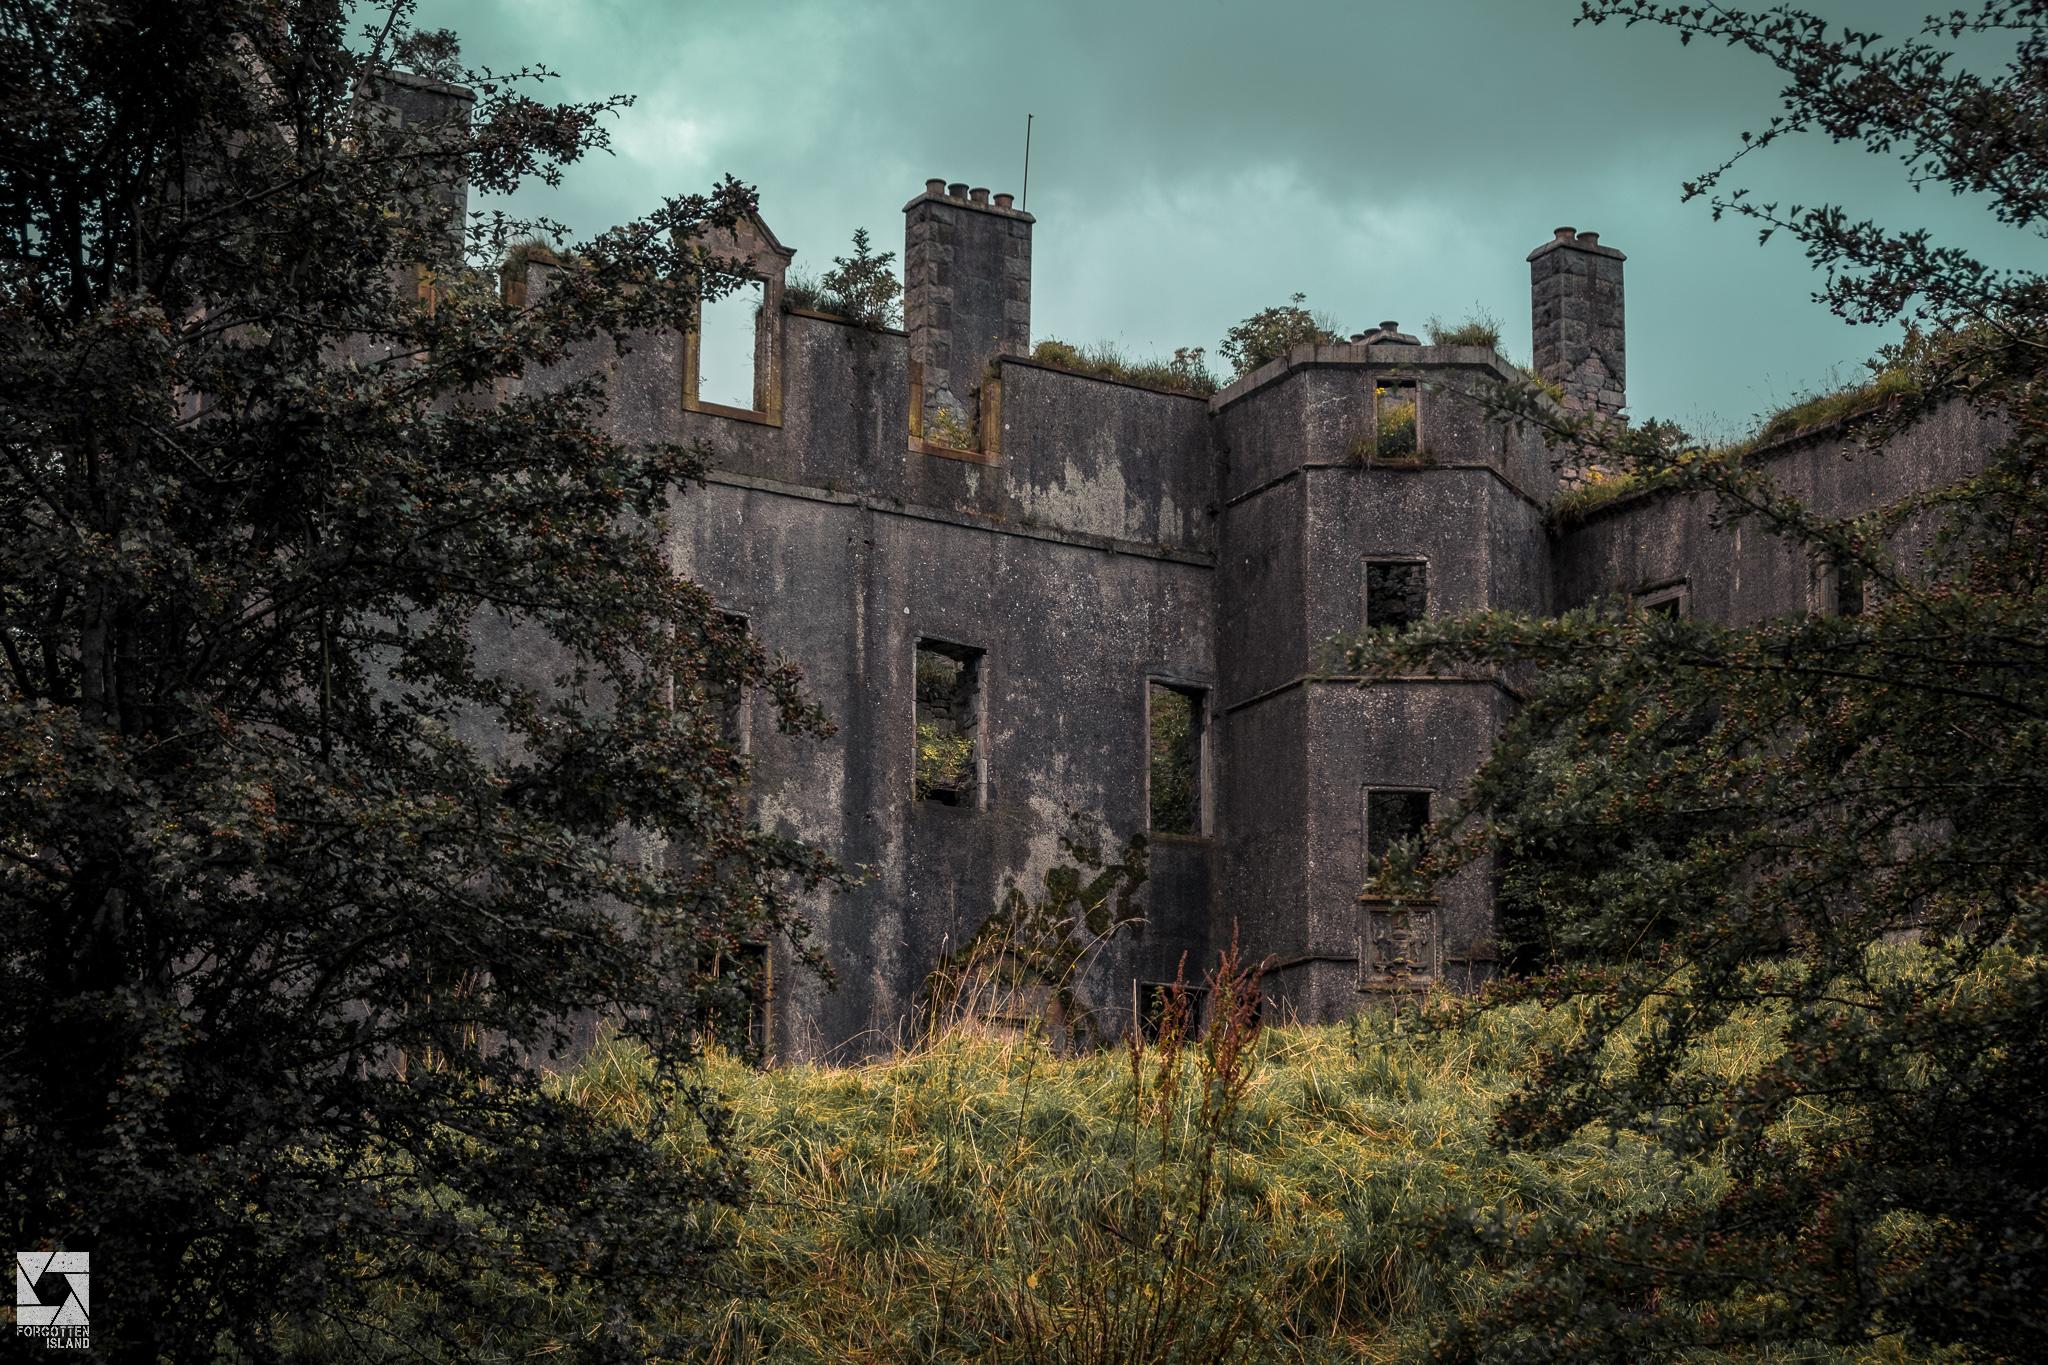 Kenmure Castle